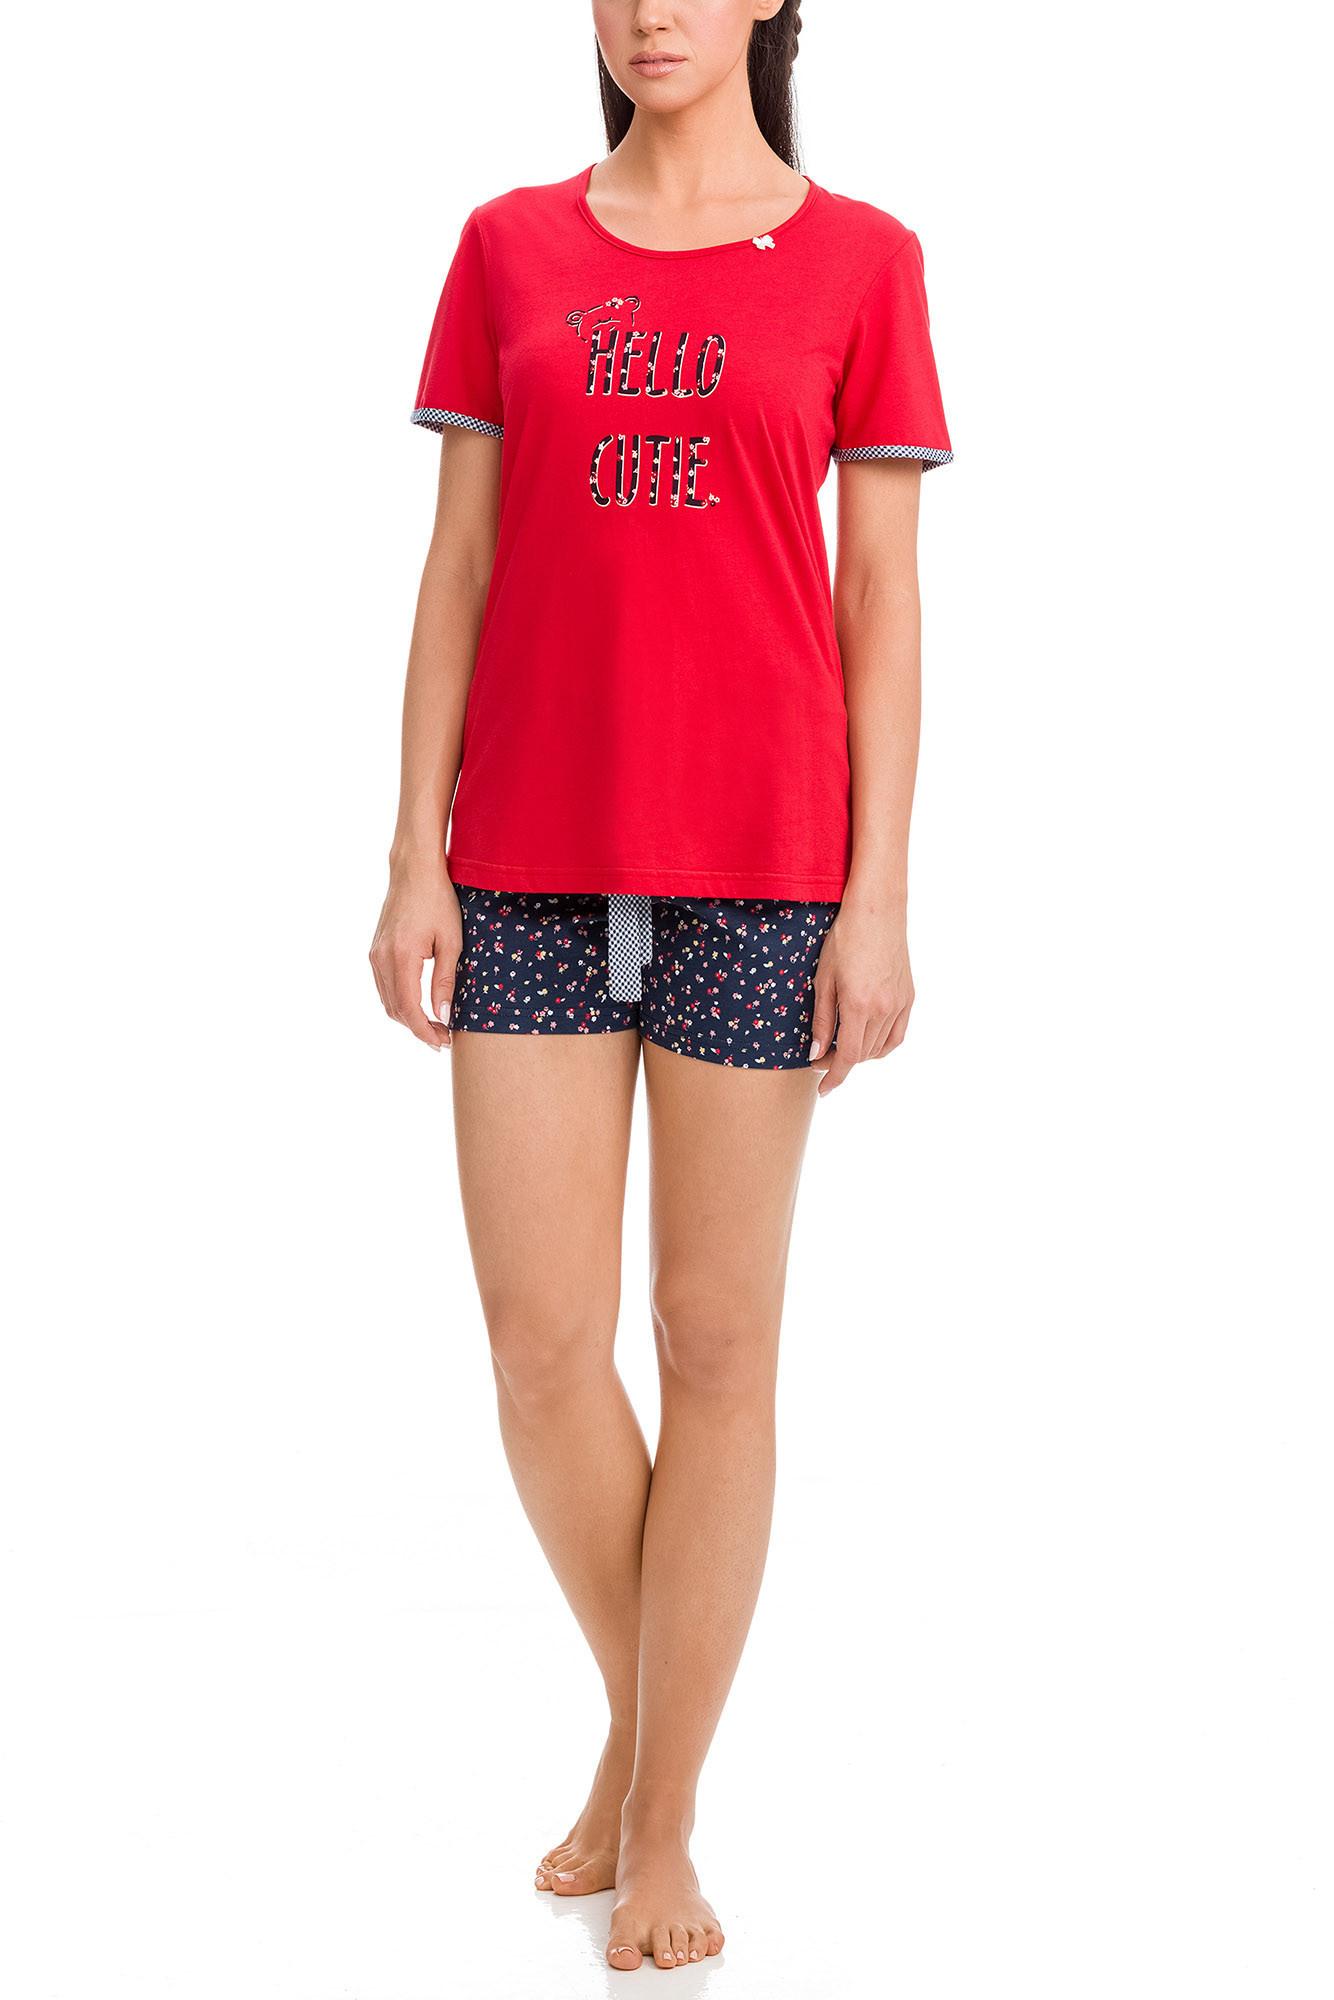 Vamp - Dámske pyžamo 12418 - Vamp red l